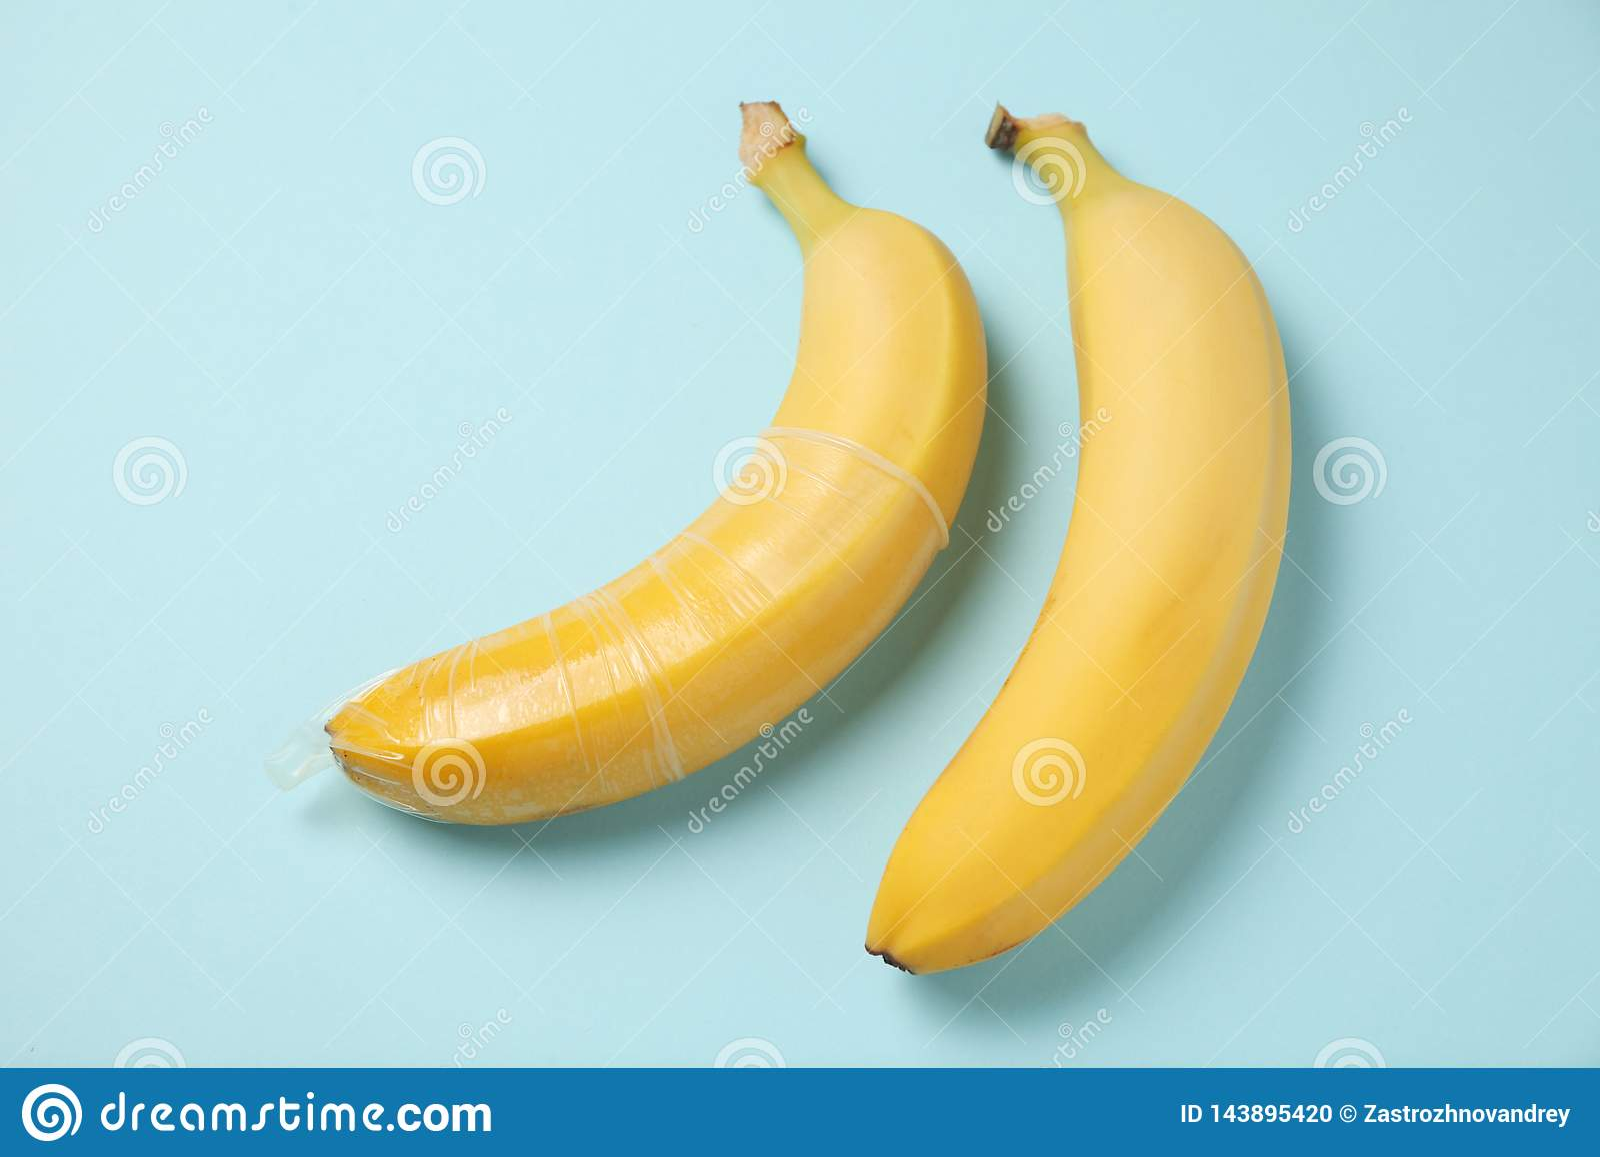 Plátano amarillo con el condón, concepto de sexo protegido